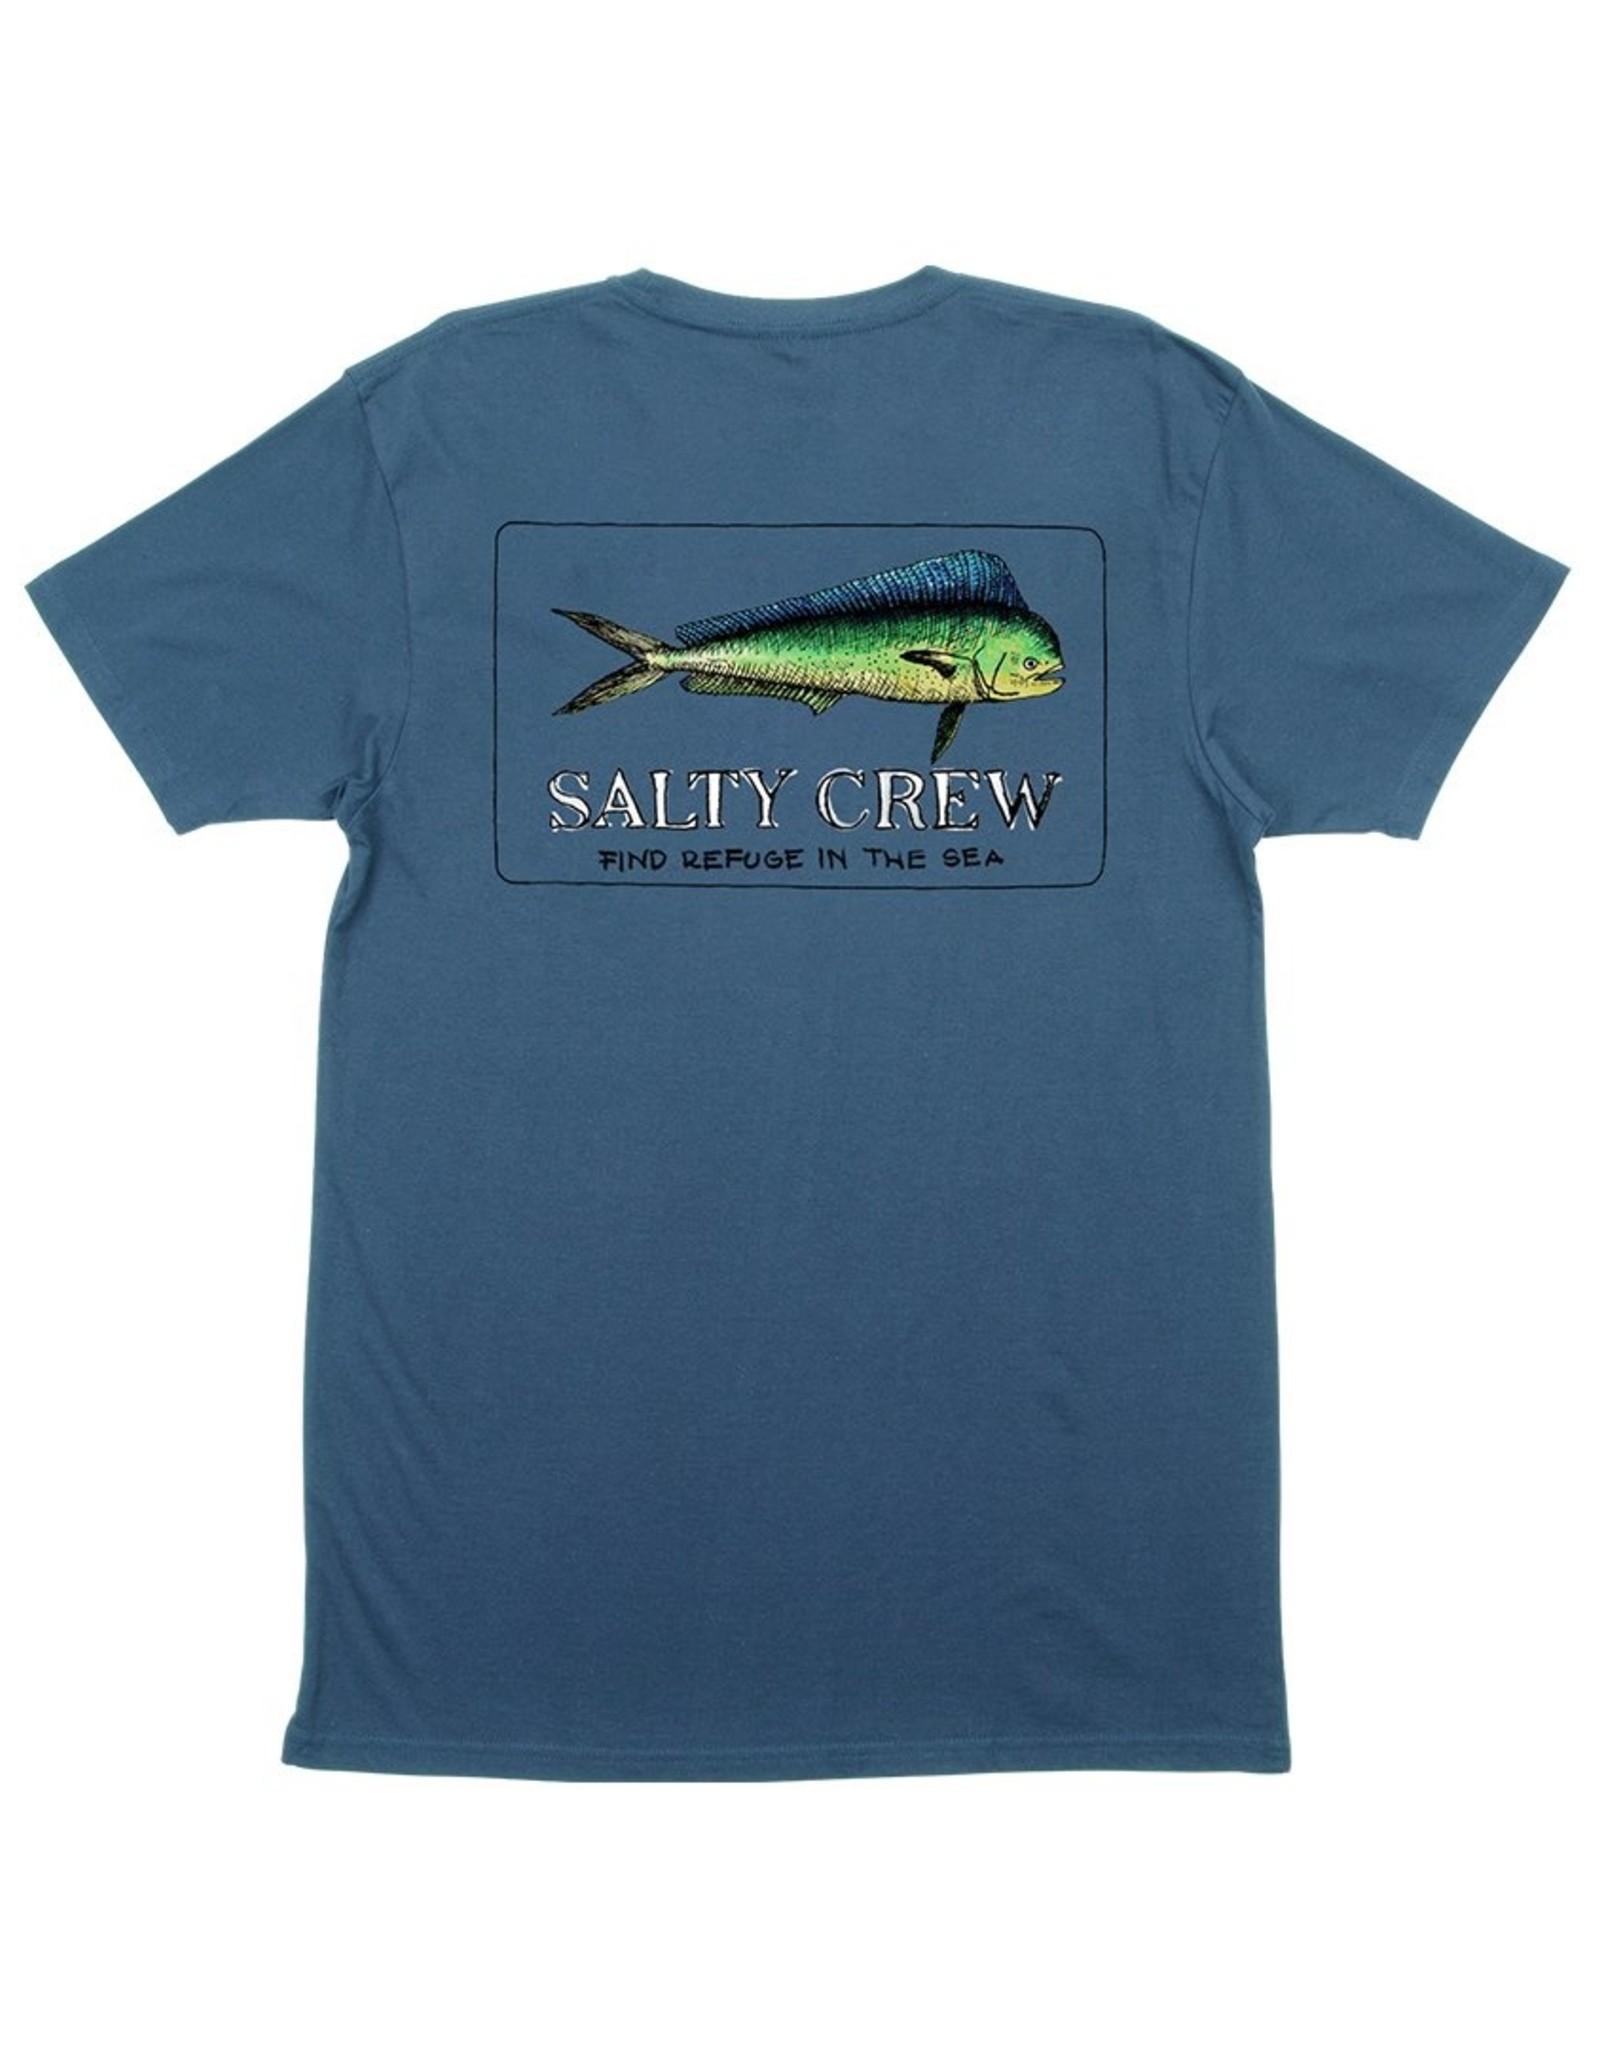 Salty Crew El Dorado Premium Tee